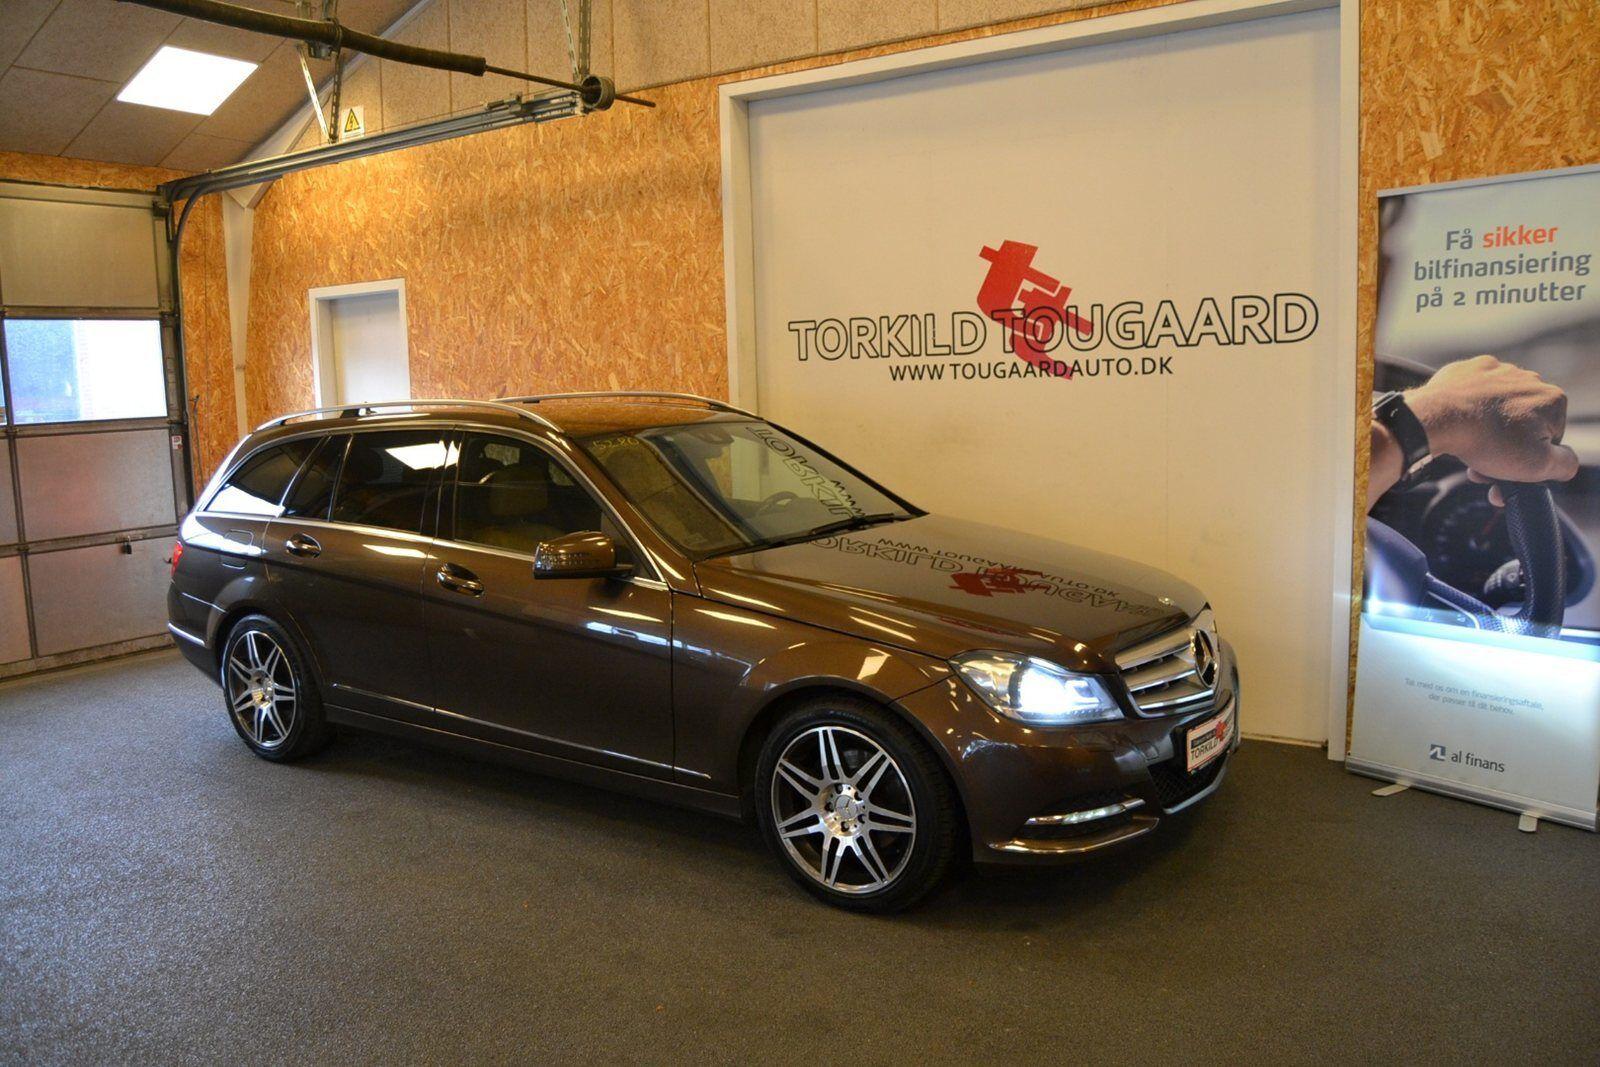 Mercedes C250 2,2 CDi Avantgarde stc. aut. BE 5d - 259.800 kr.